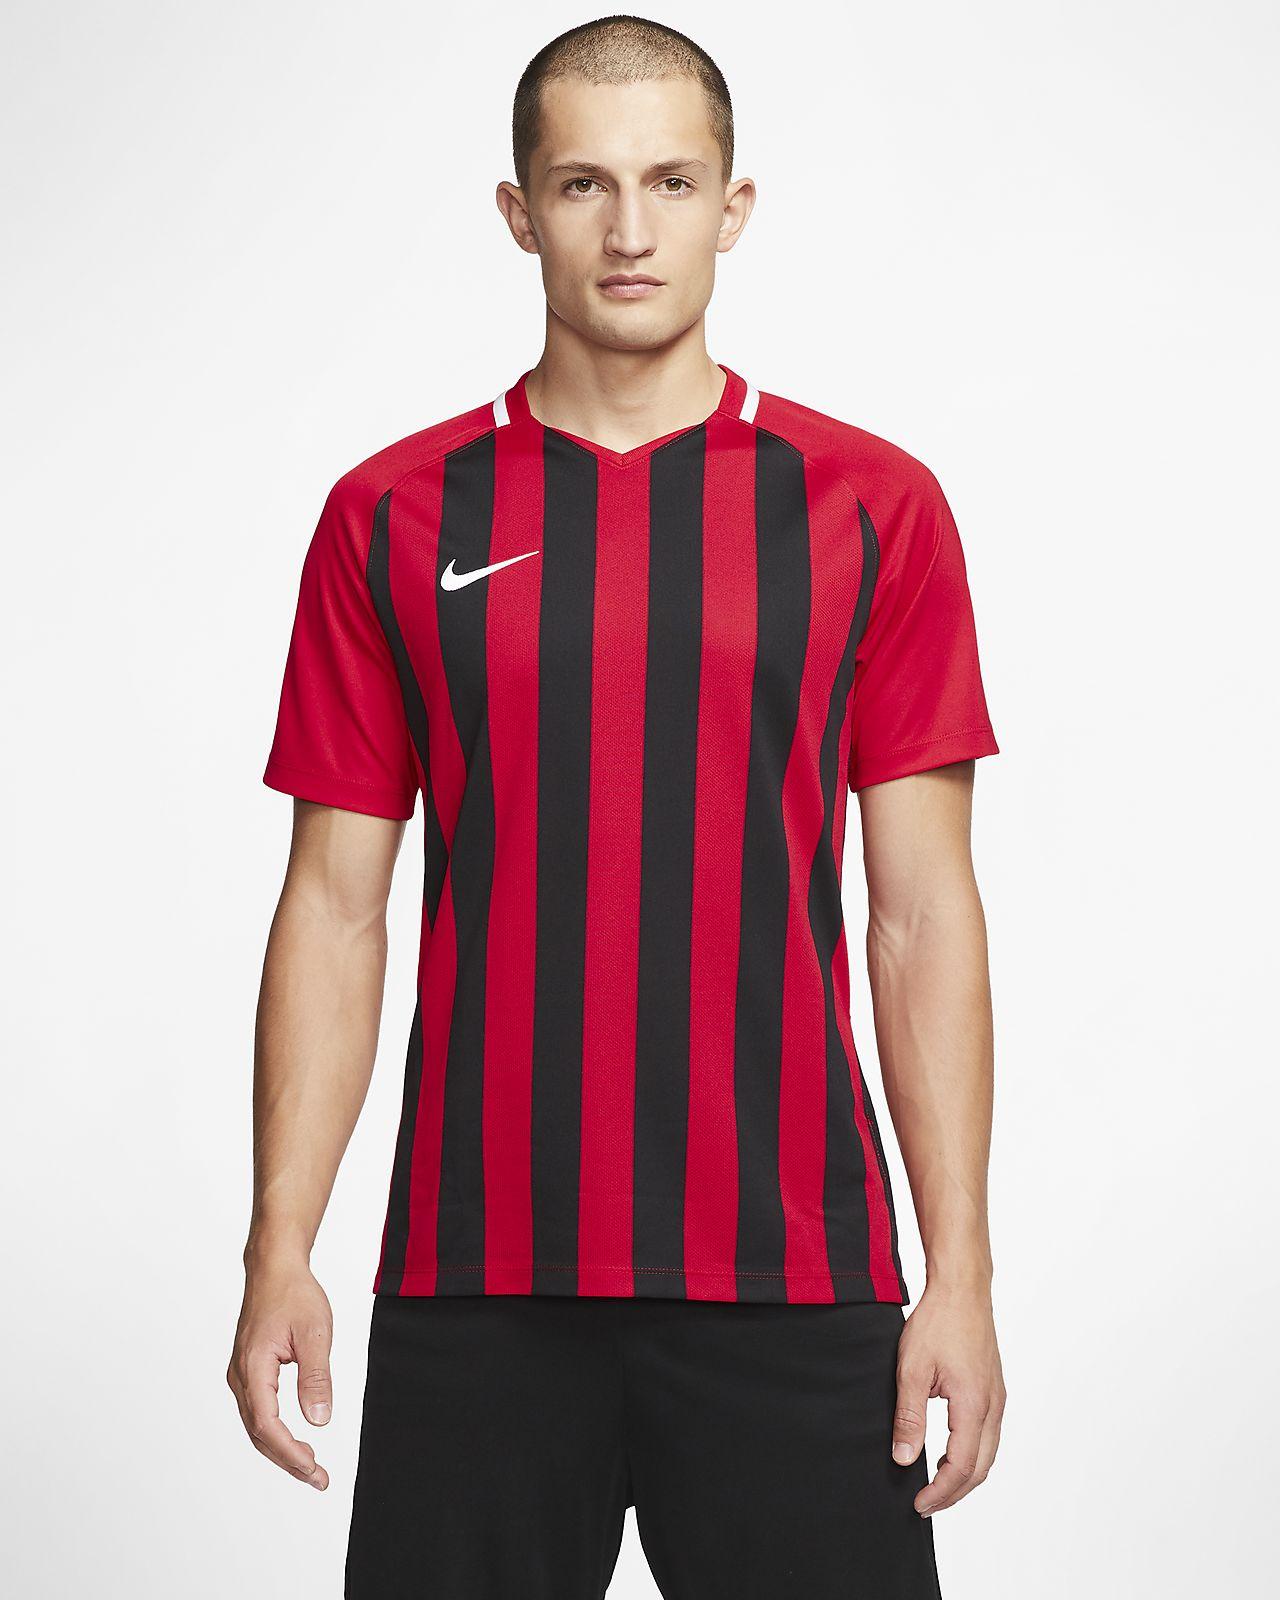 Nike Striped Division 3 Samarreta de futbol - Home